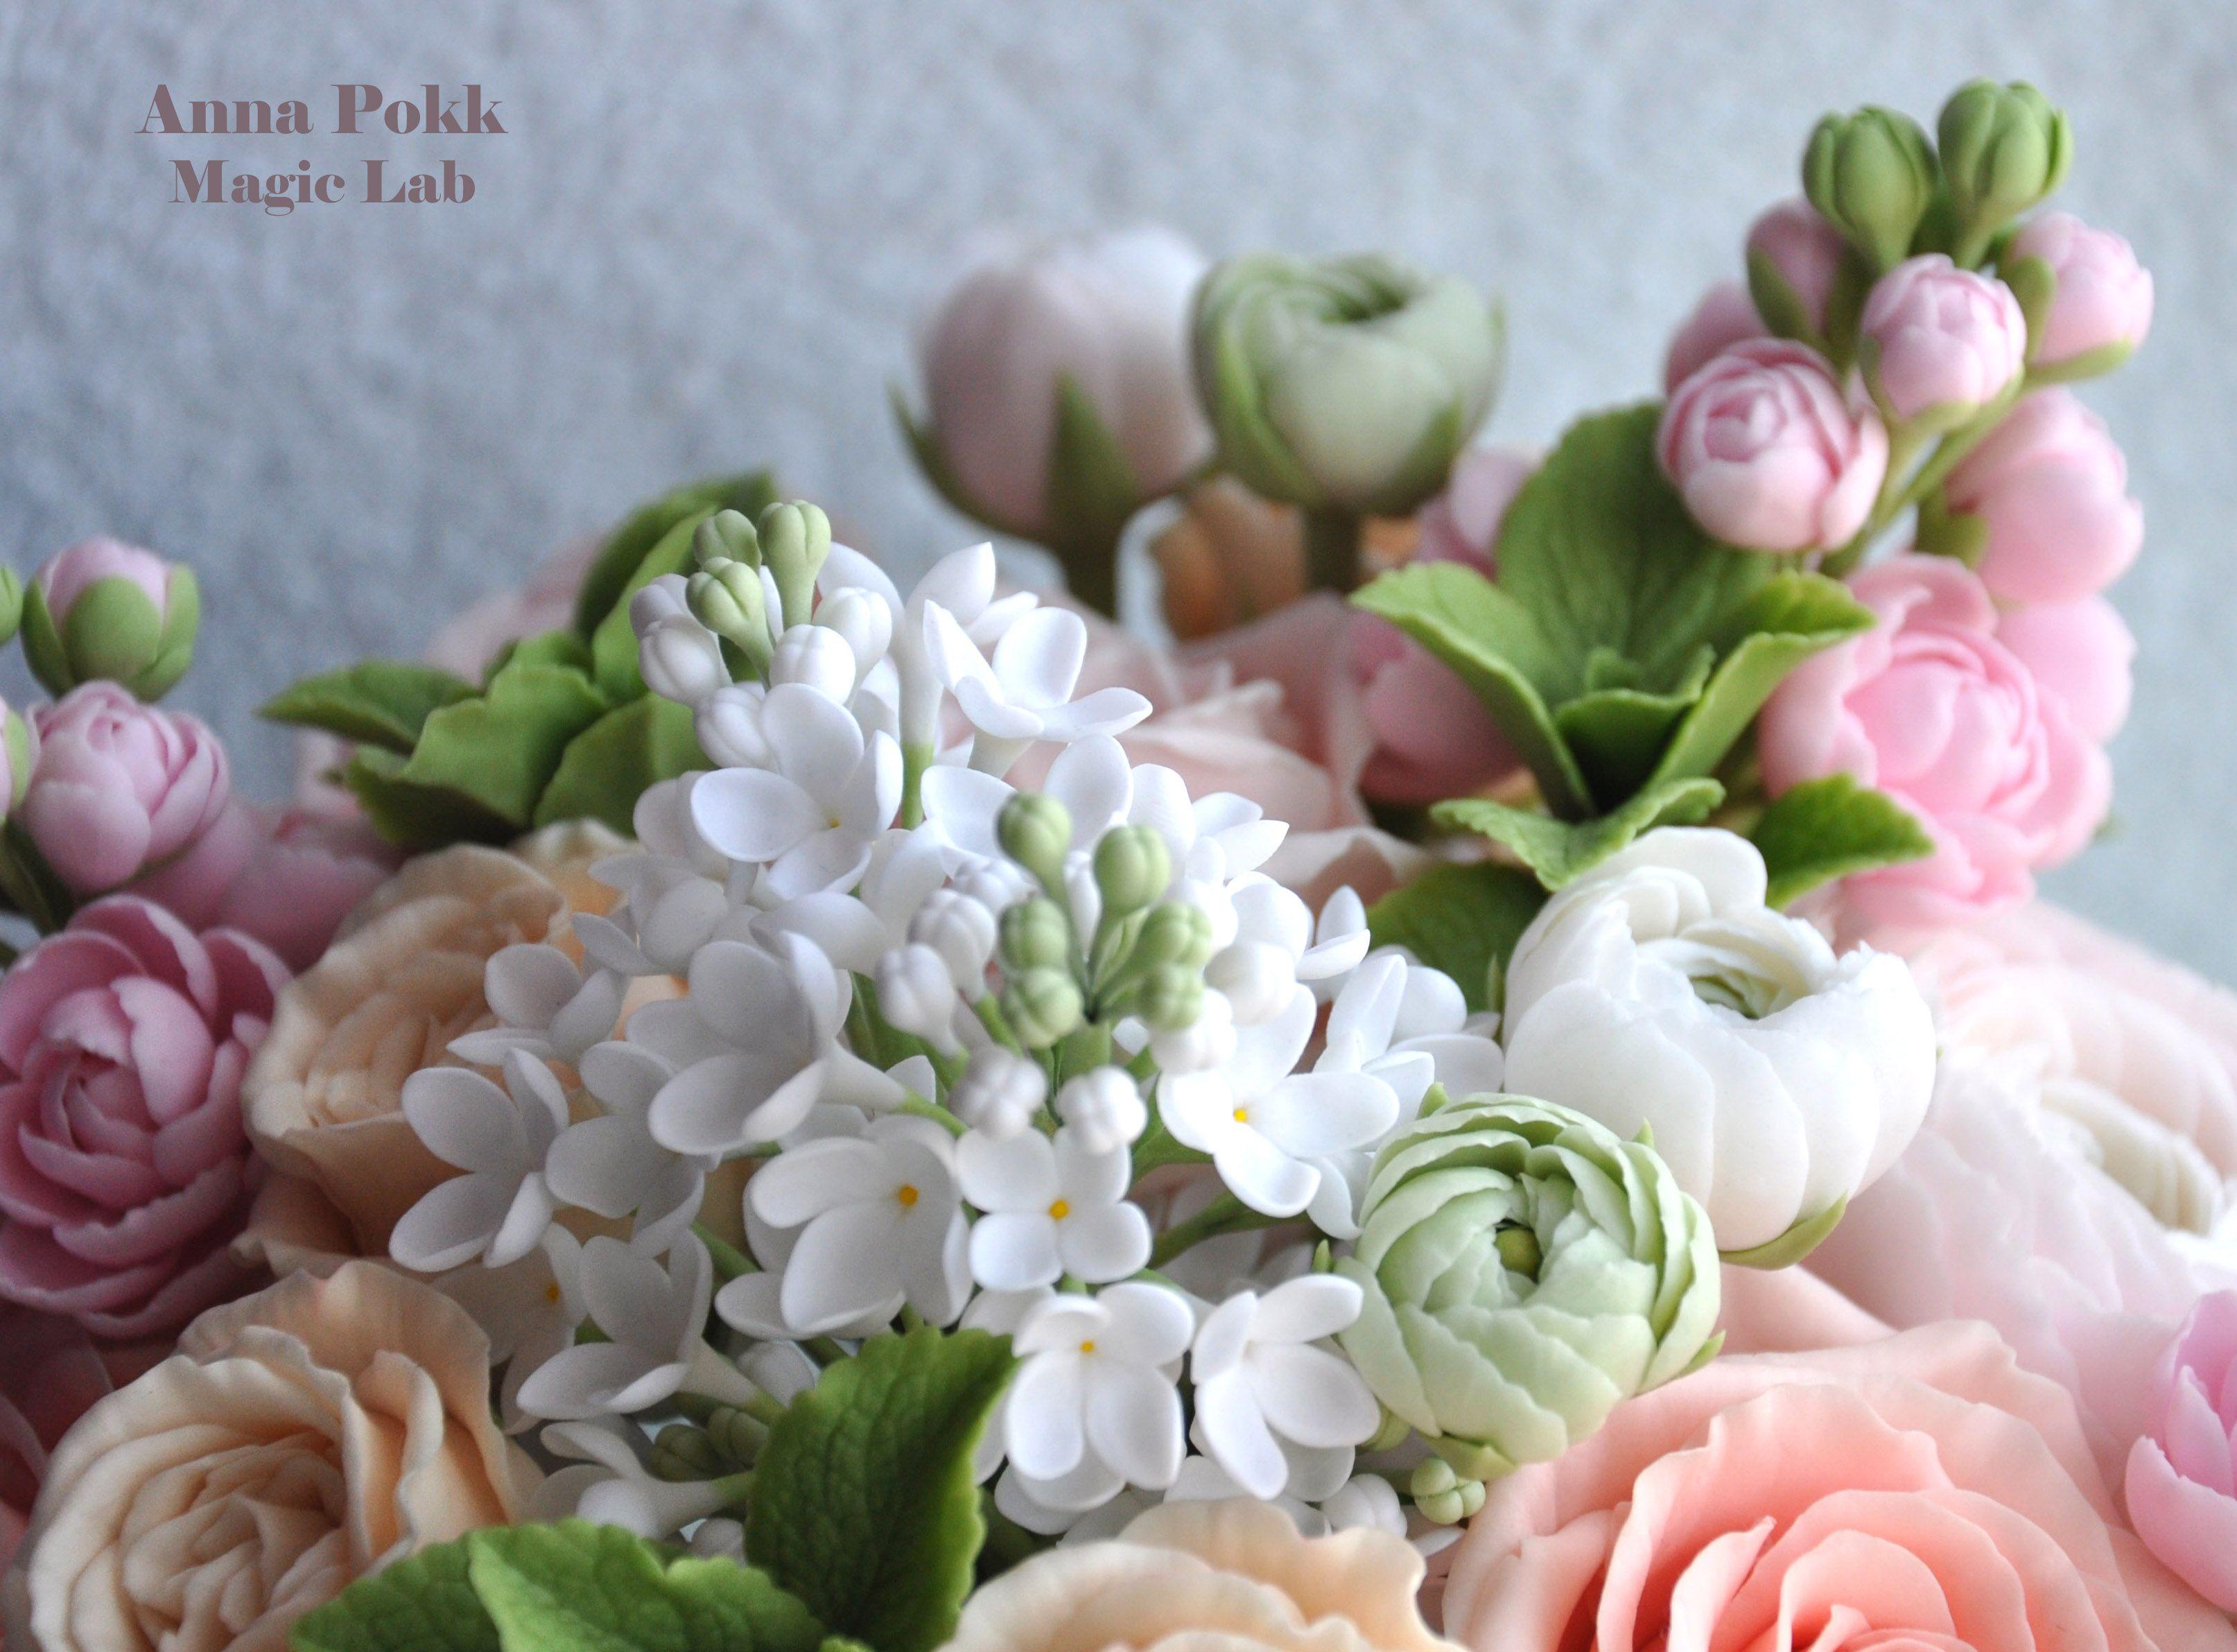 Цветы из холодного фарфора в чашке. цветочной композиции и холодного фарфора. особенности изделий из холодного фарфора